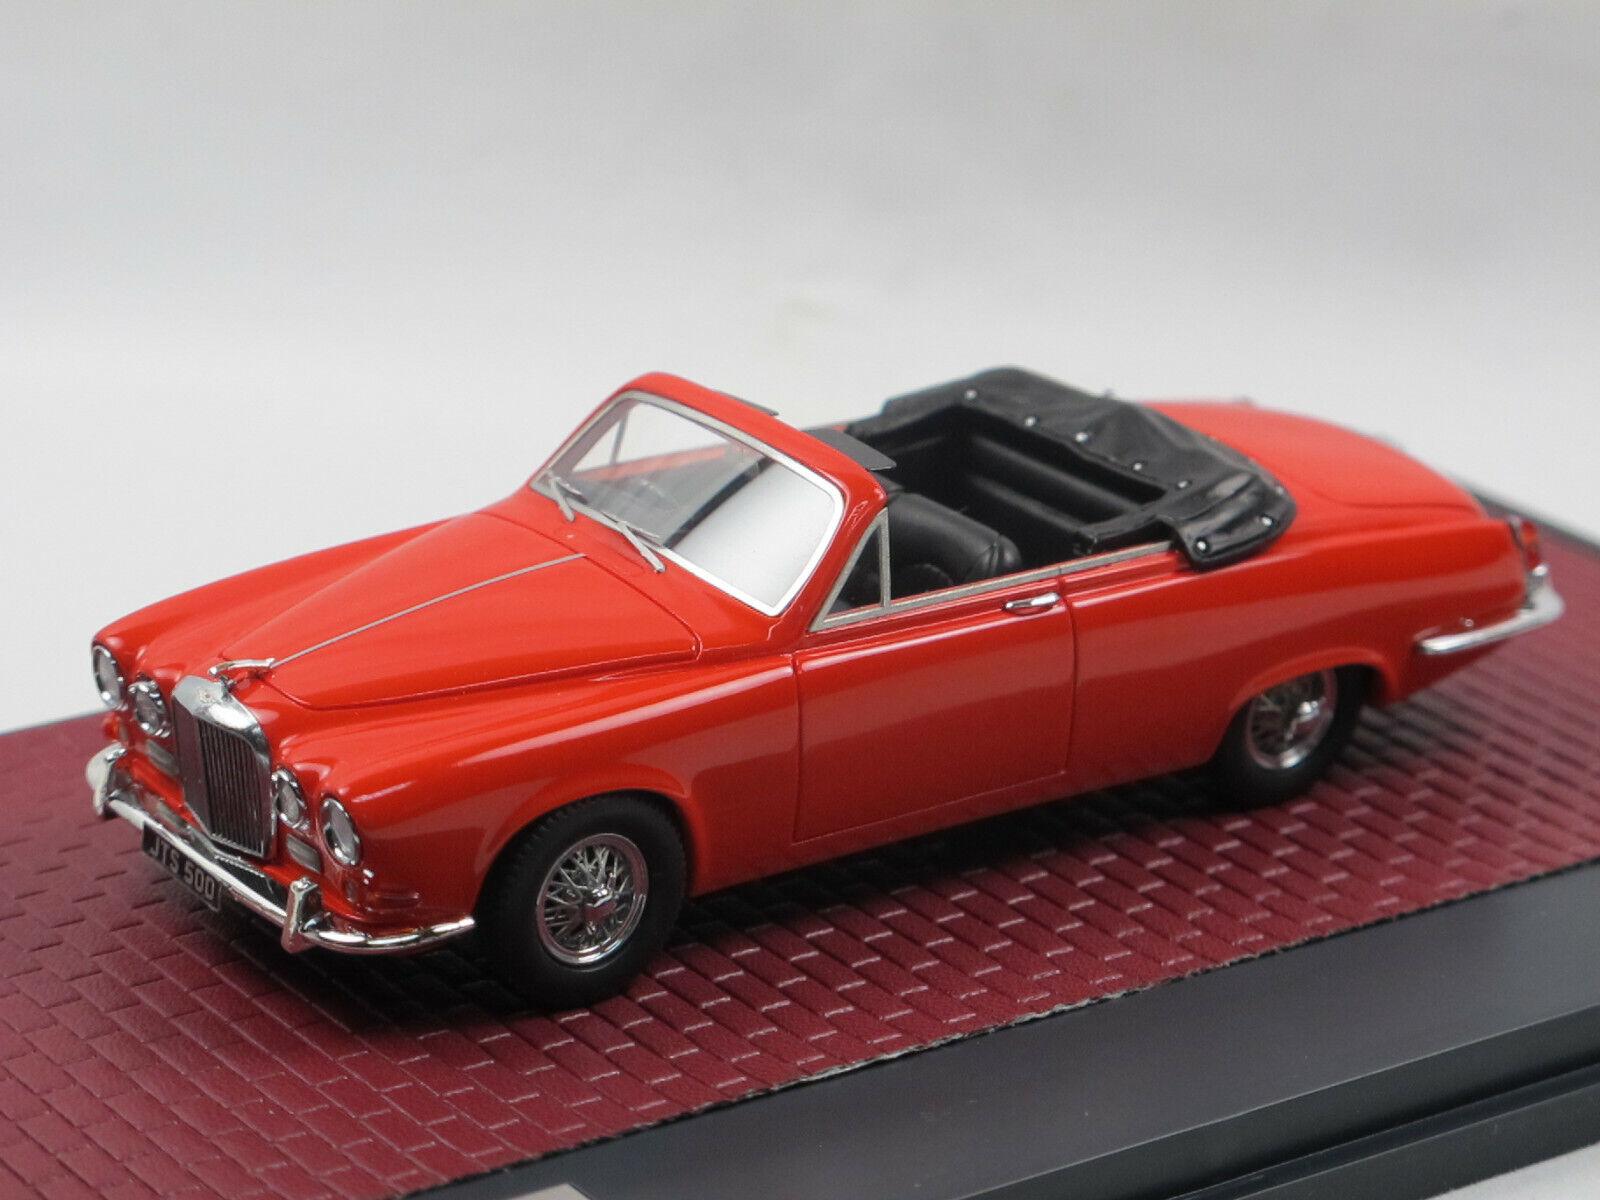 Matrix scale models 1967 jaguar 420 Harold radford converdeible rosso 1 43